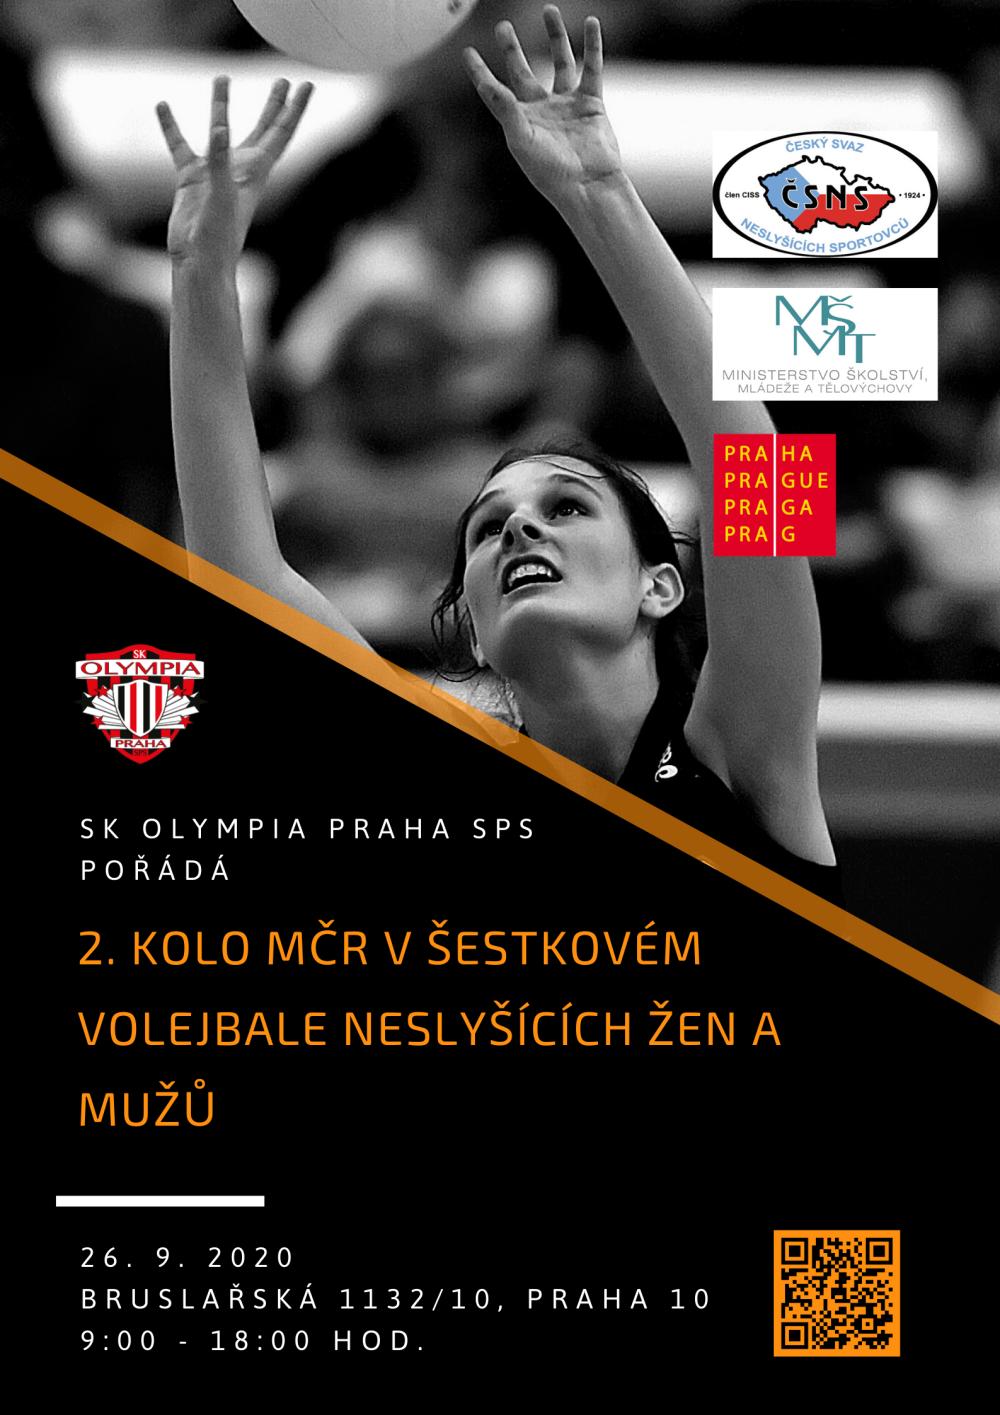 o1.kolo MČR v šestkovém volejbale neslyšících žen a mužů